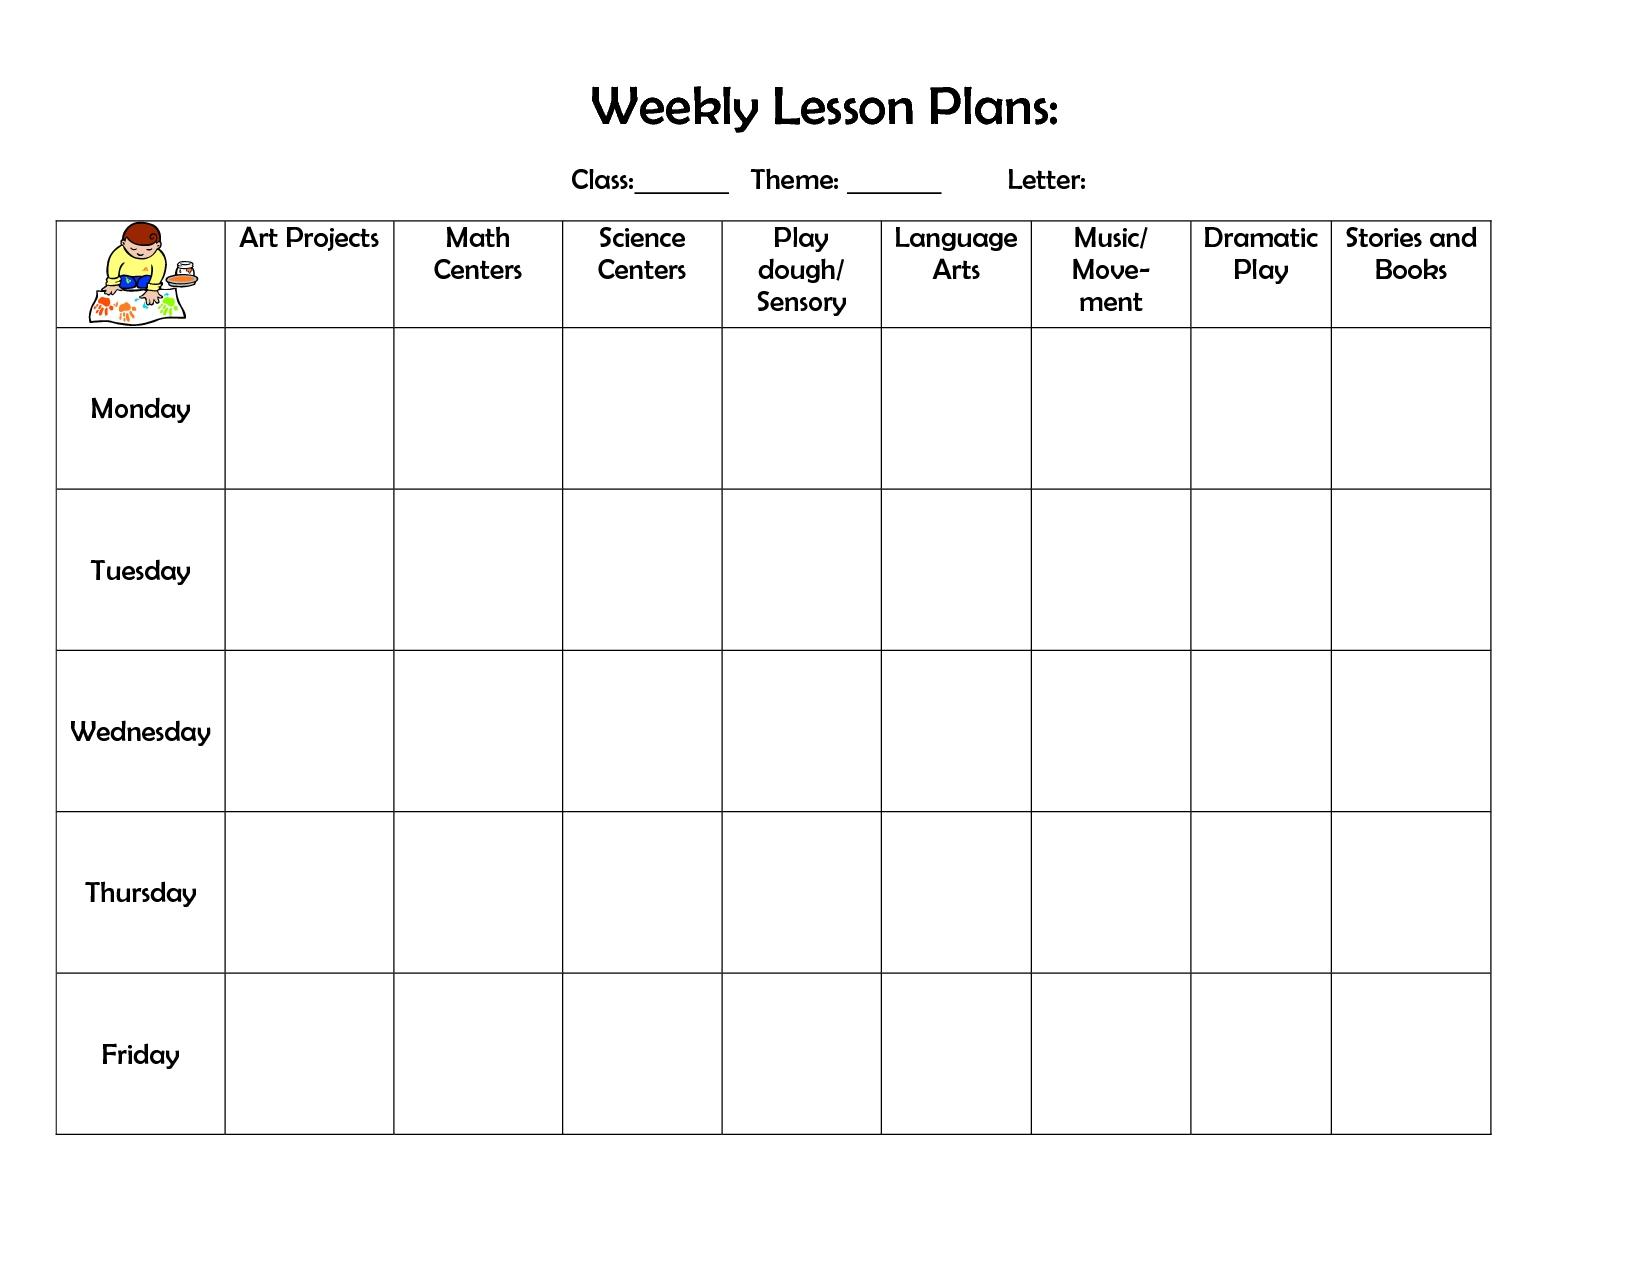 Weekly Preschool Planner Free Printable Lesson Plan Tem ~ Takemetoearth - Free Printable Lesson Plan Template Blank